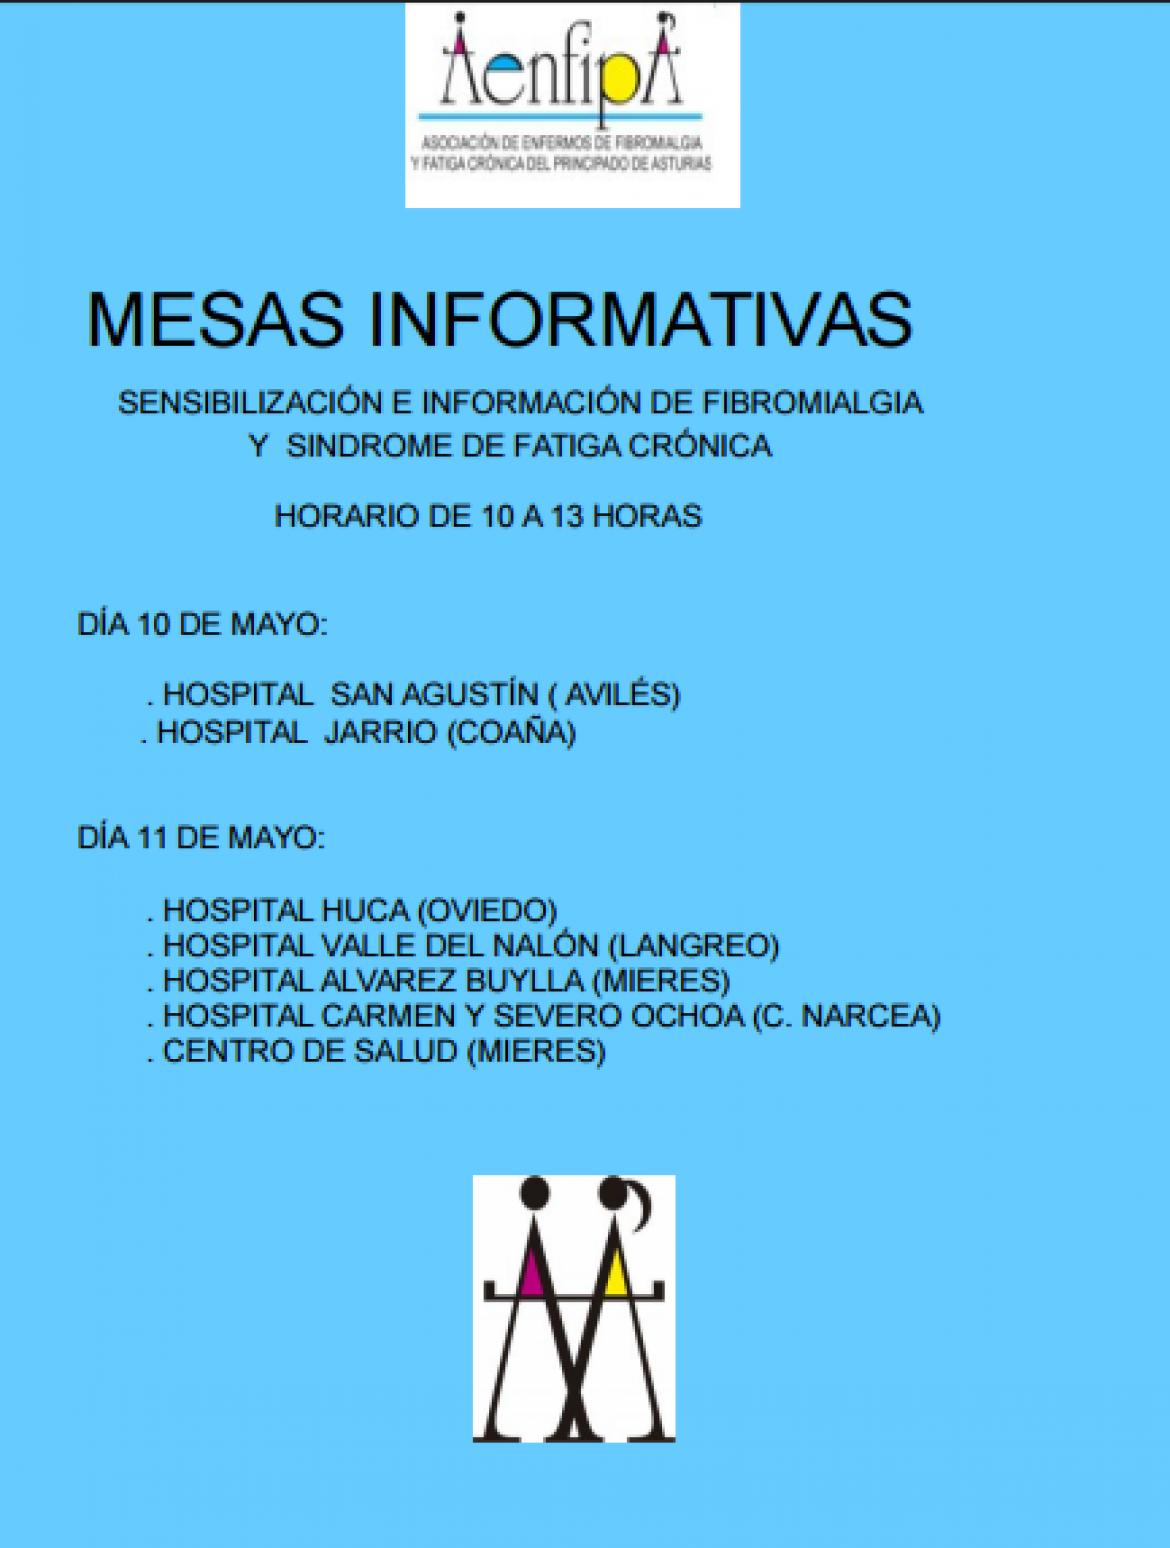 Semana de la Fibromialgia, información de mesas informativas y actos